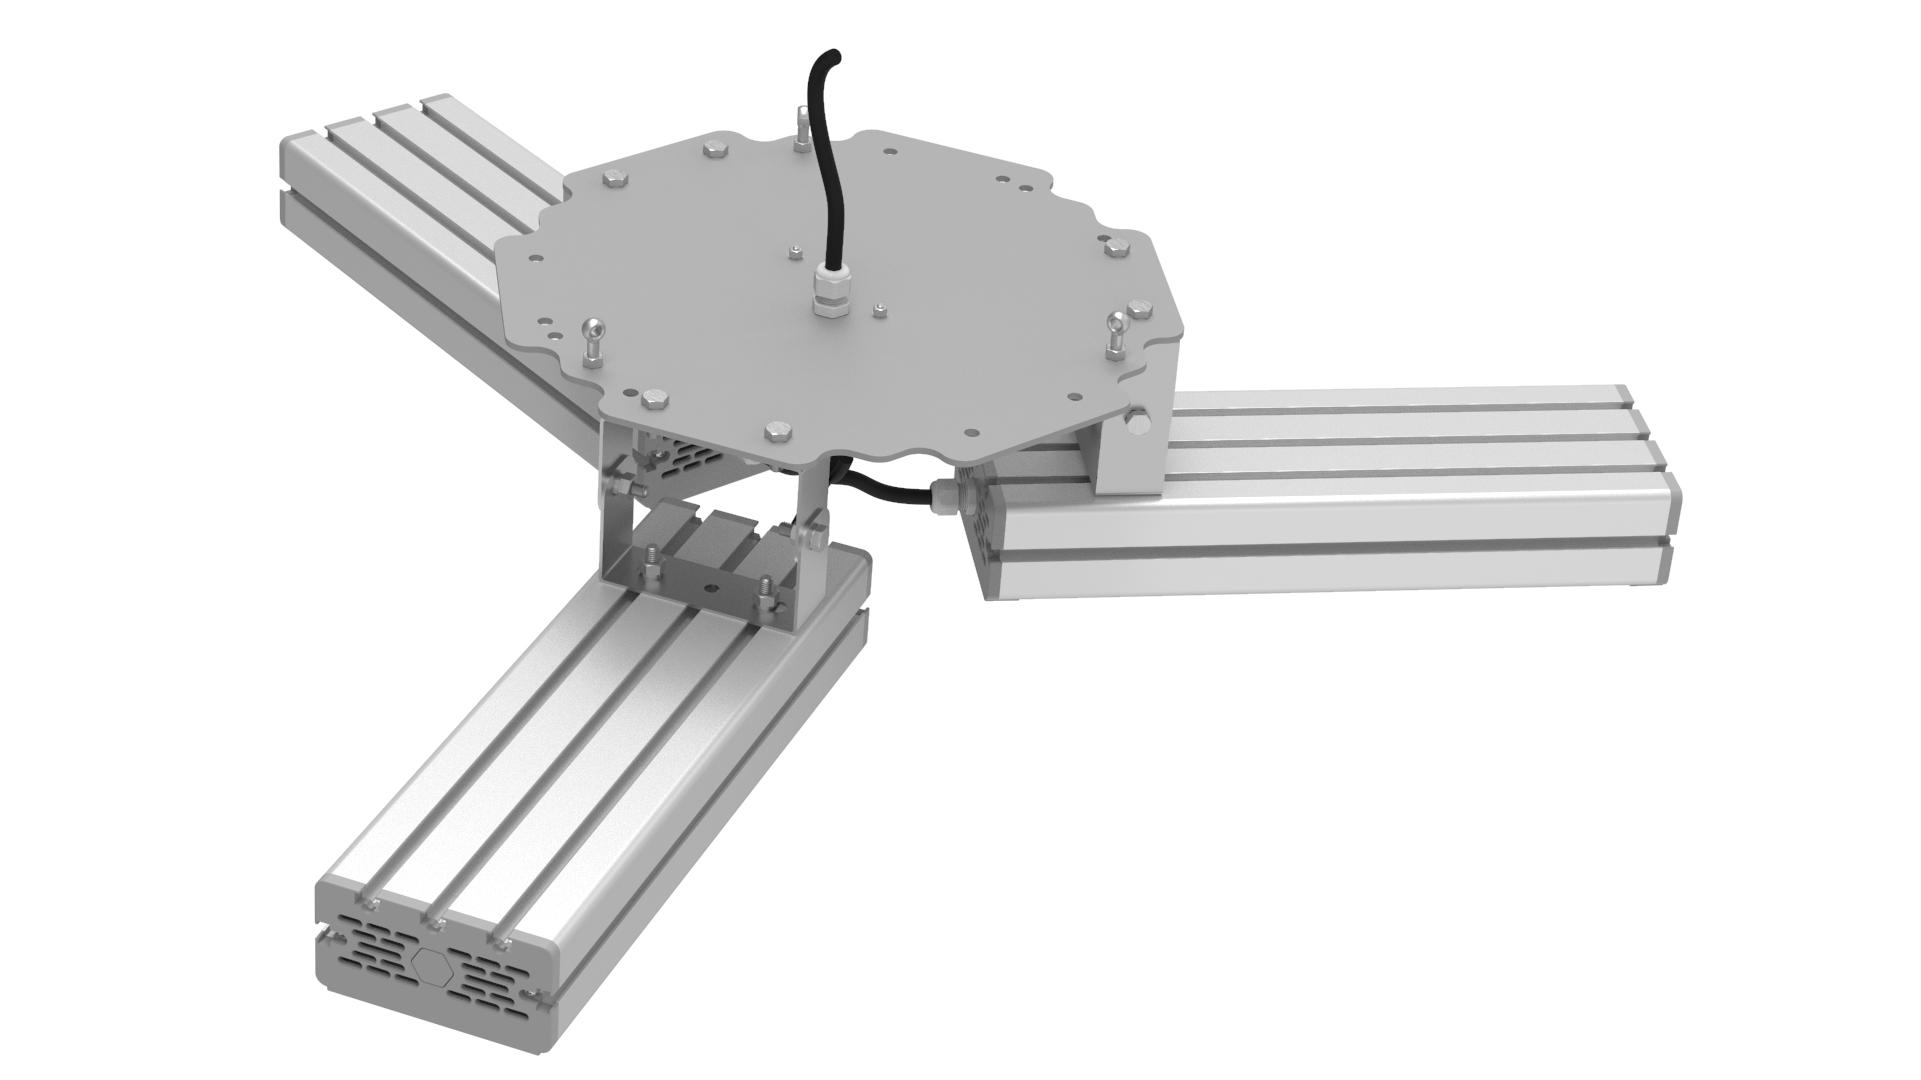 Светильник подвесной Ромашка High-Bay SVT-P-FLOWER-183Вт (с защитой от 380В, трос)